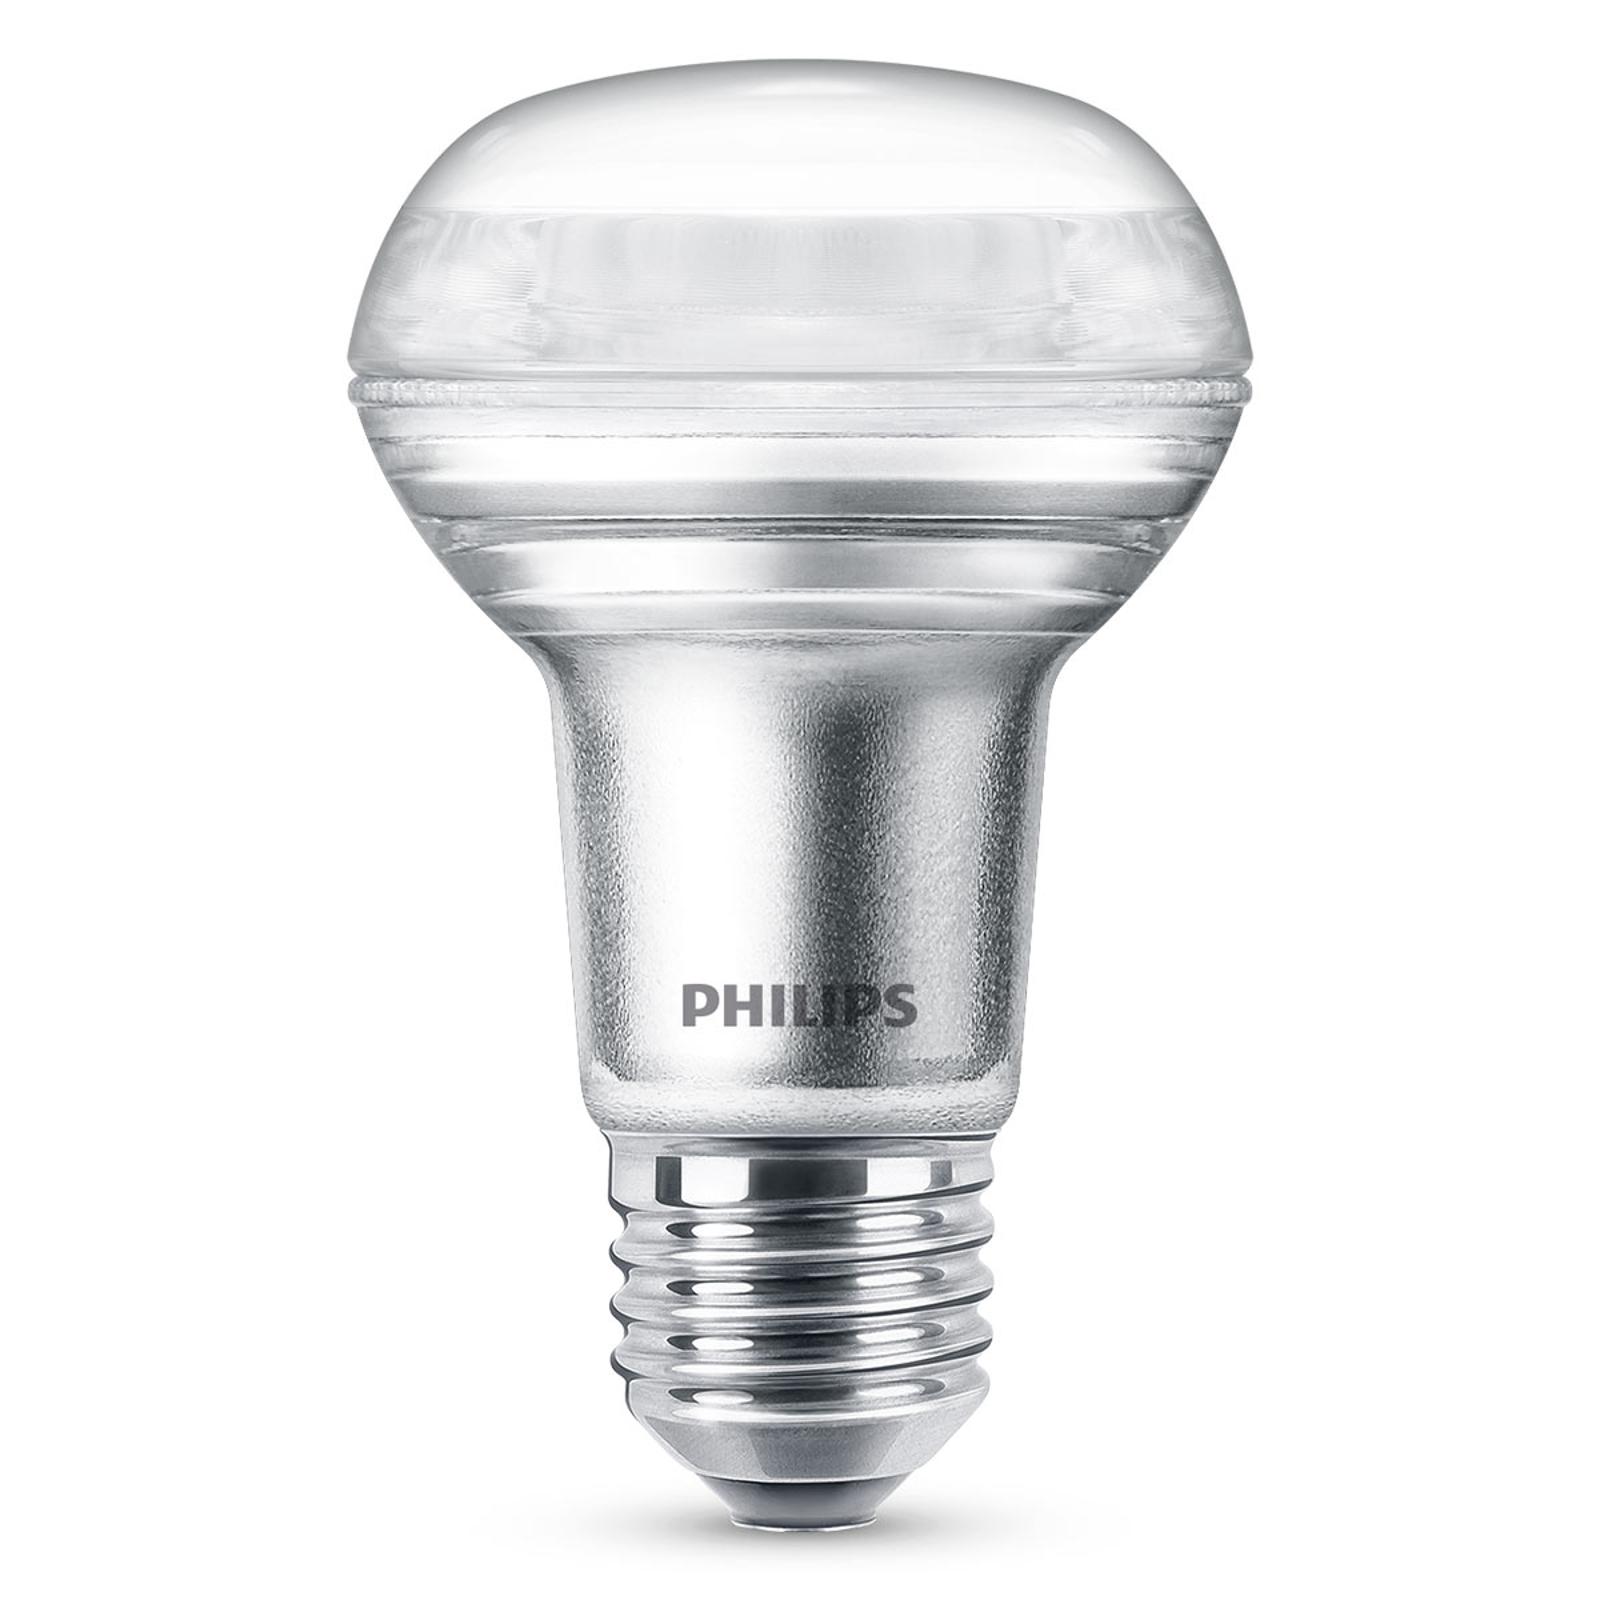 Philips E27 R63 LED-reflektor 3W varmhvit 2700K